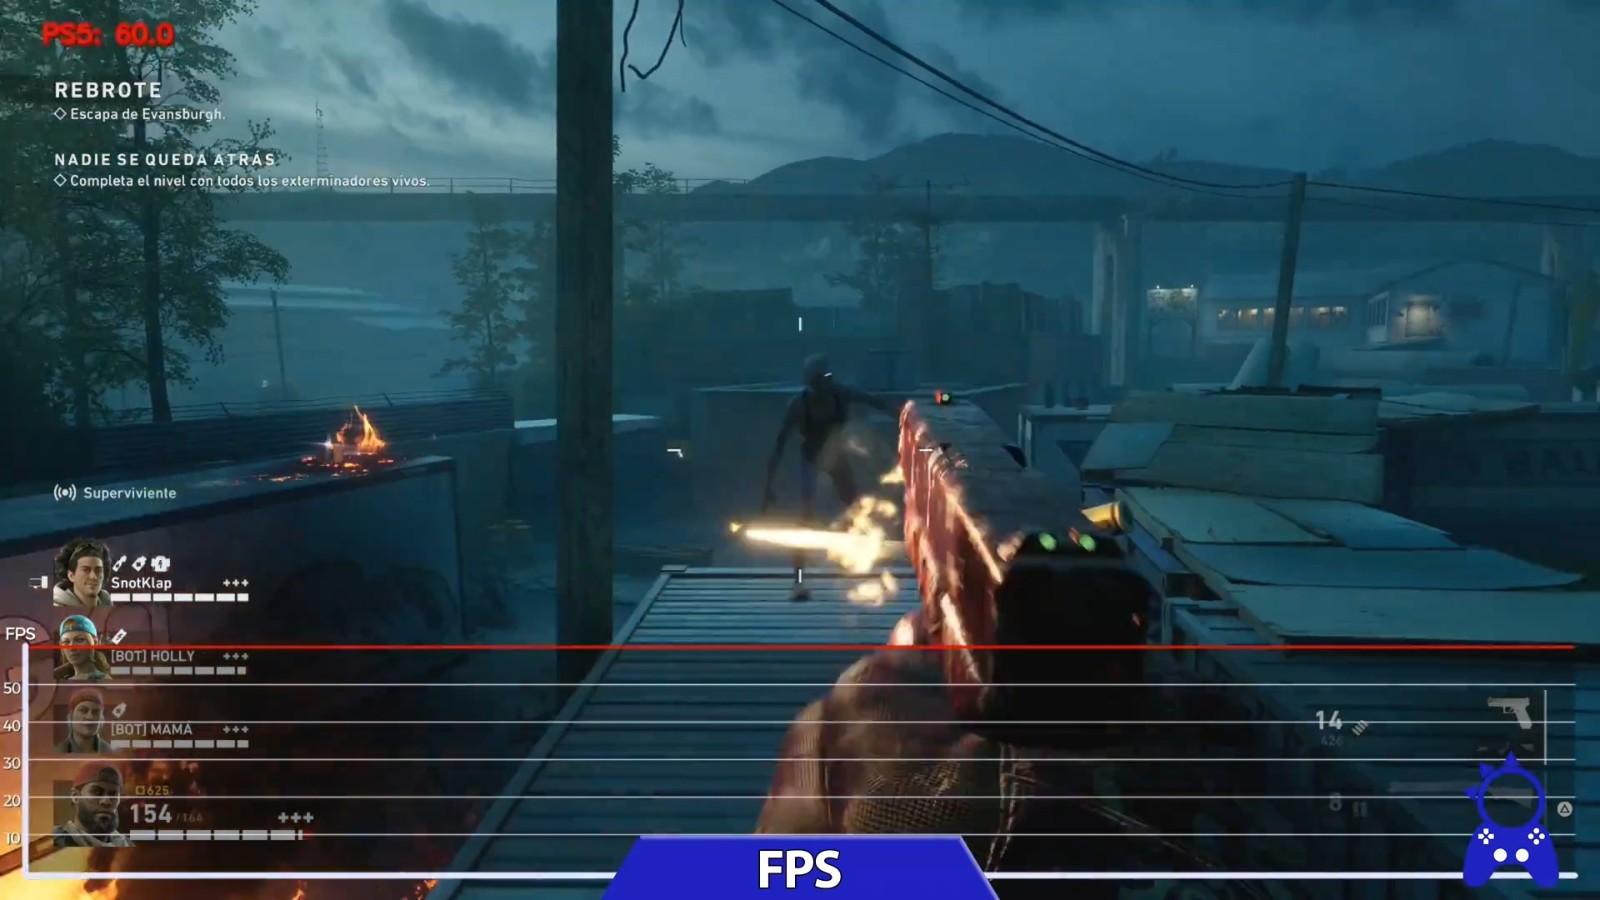 《喋血复仇》测试版性能分析 PS5/XSX支持4K/60帧